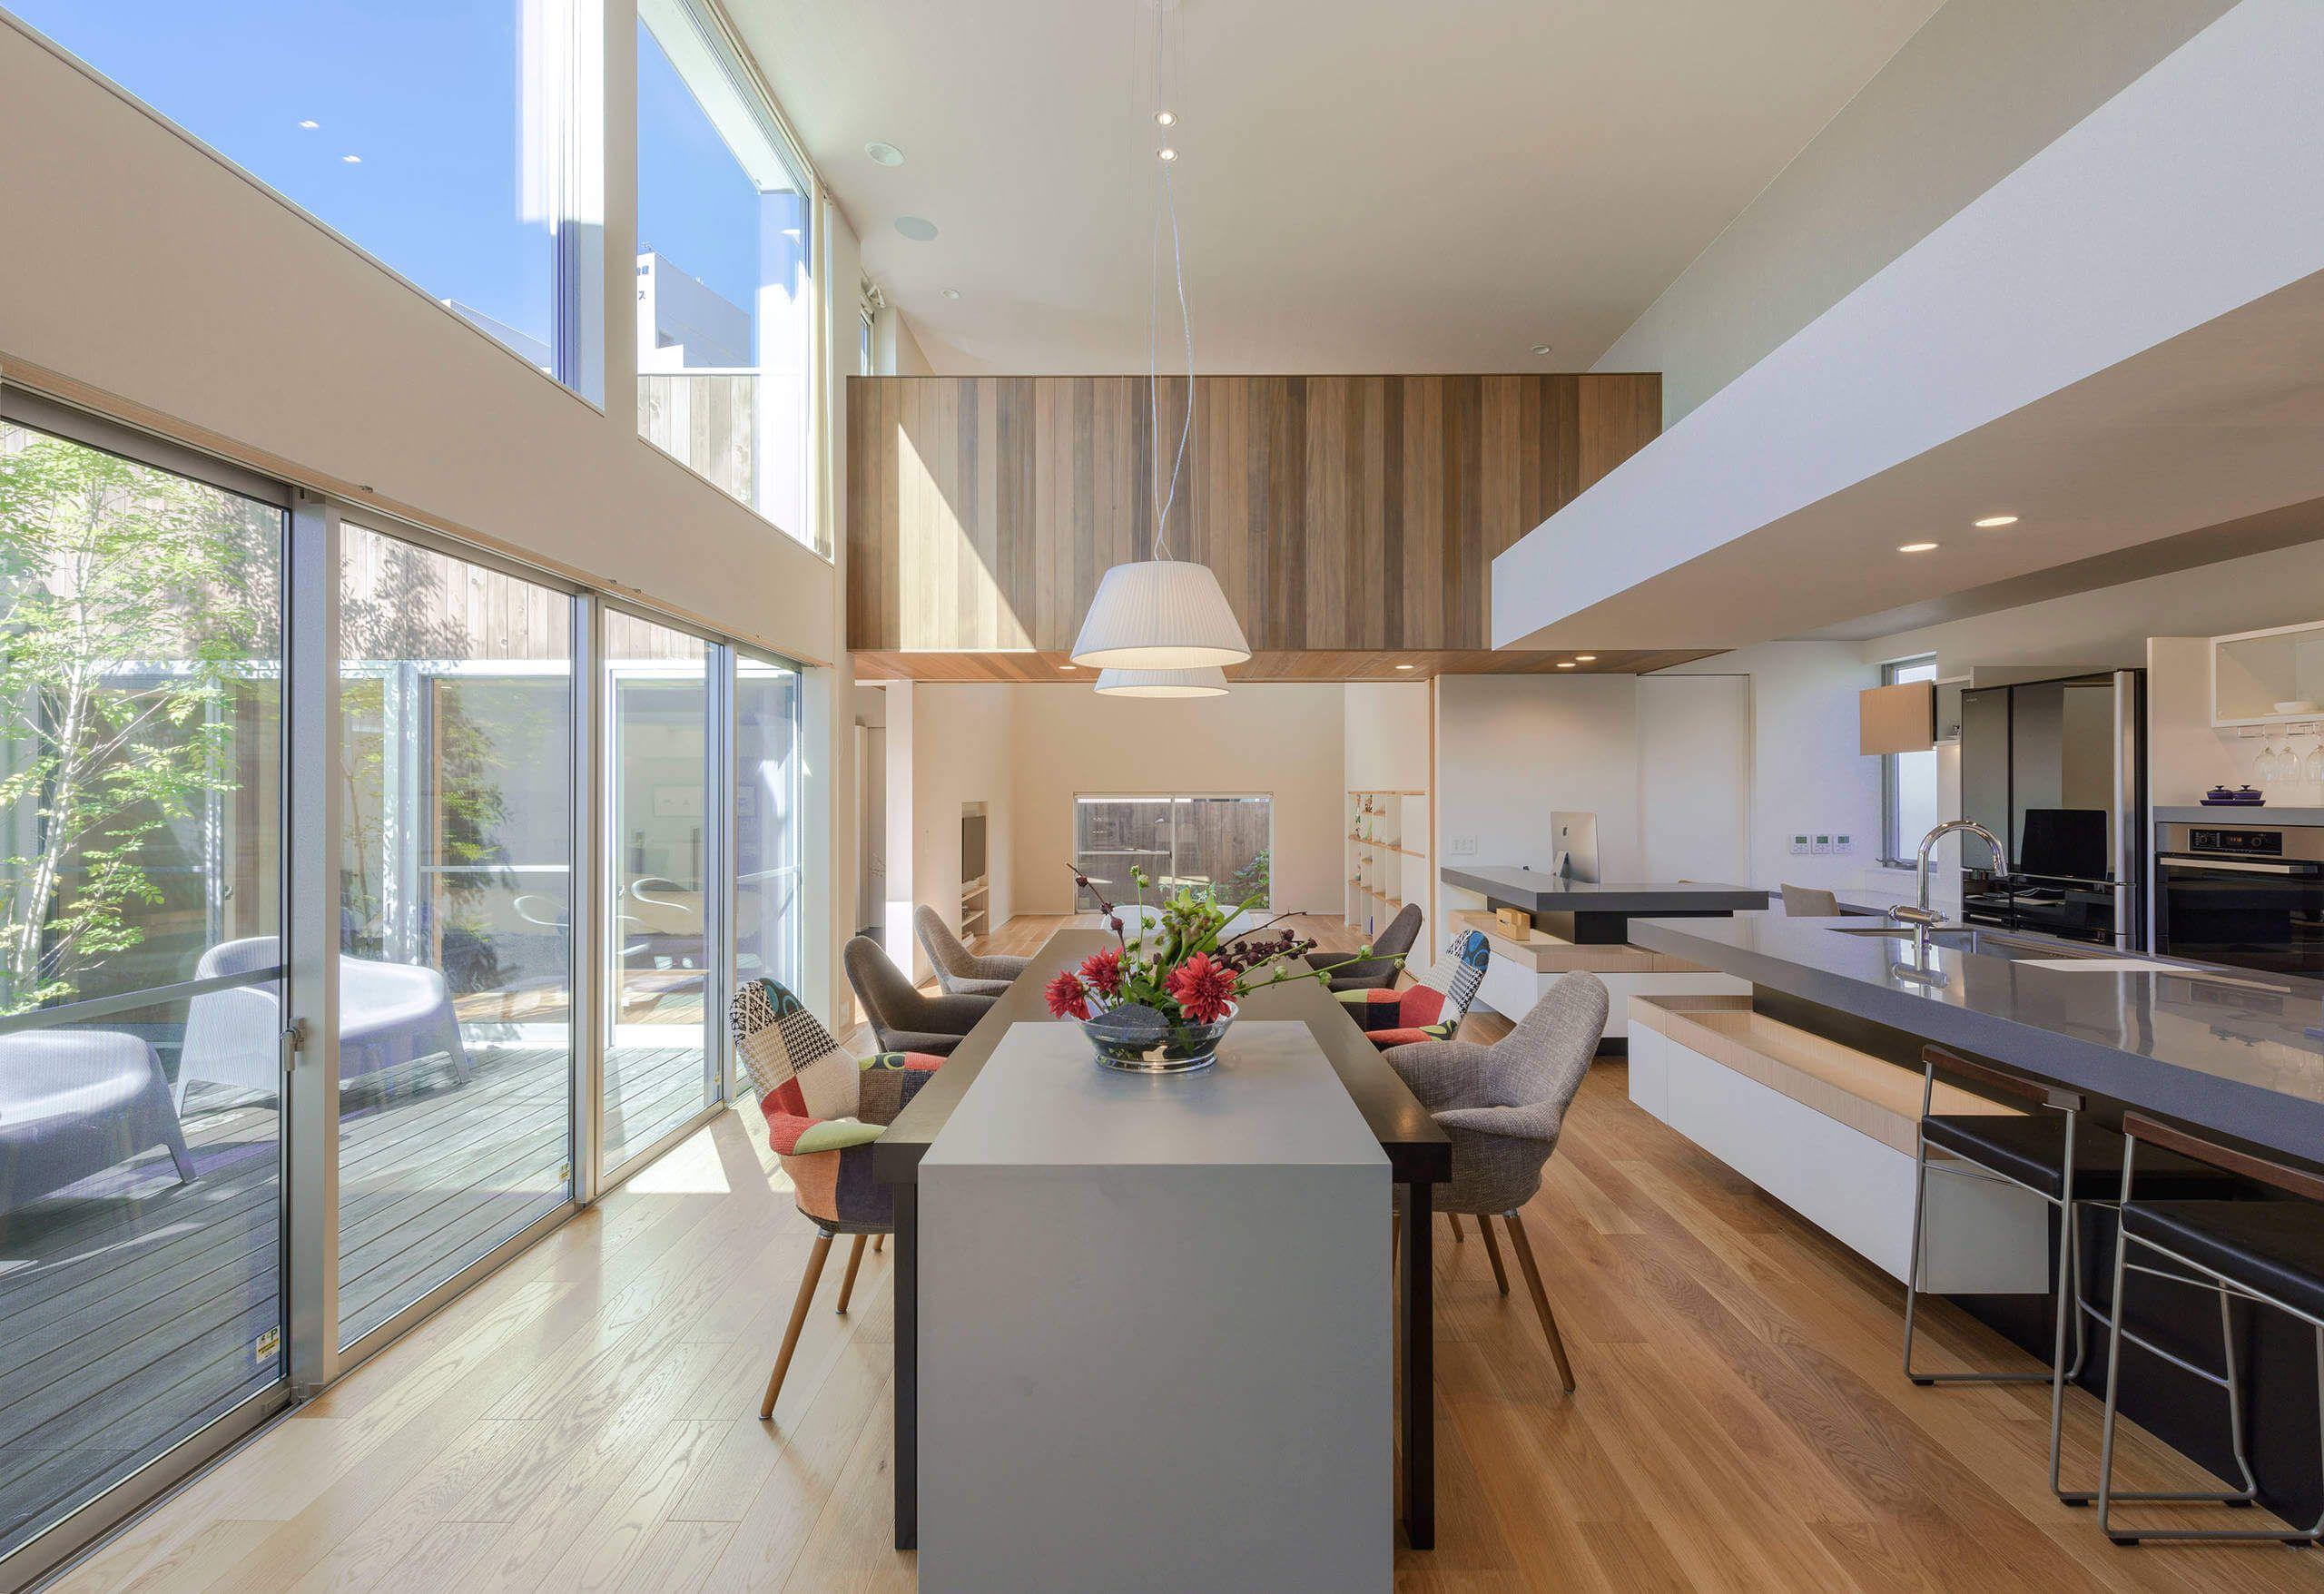 Kuche Esszimmer Grose #17: Offene Küche, Glas Große Fensterfront, Tischgruppe